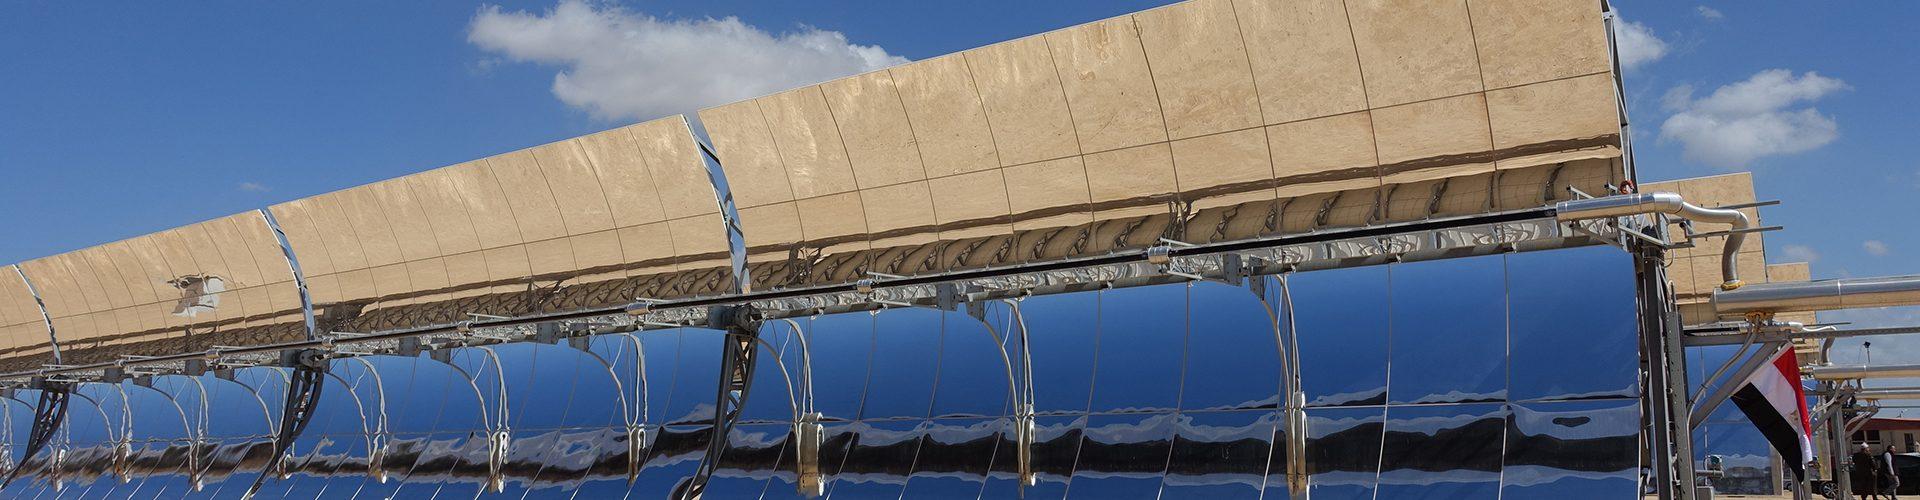 Das MATS-Kraftwerk, basierend auf Parabolrinnenkollektoren mit einer Kollektorfläche von 10.000 m², liefert eine elektrische Leistung von 1 MW. Es deckt auf Abruf den Strombedarf von mehr als 1.000 Menschen und kann durch Nutzung der Abwärme täglich etwa 250.000 Liter Wasser entsalzen.